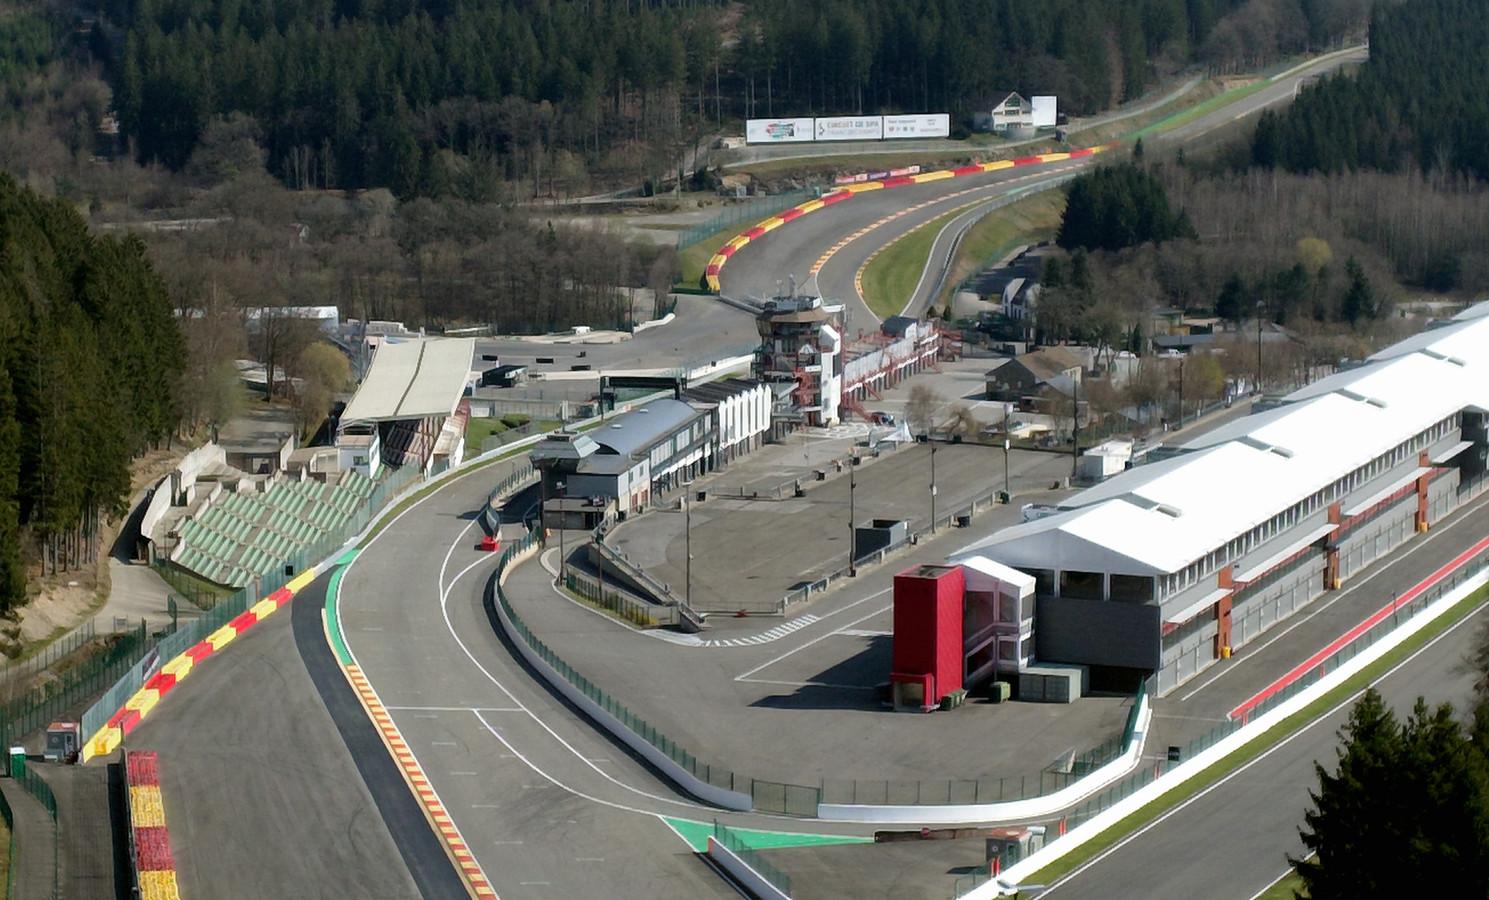 Het circuit van Spa-Francorchamps. Archiefbeeld.